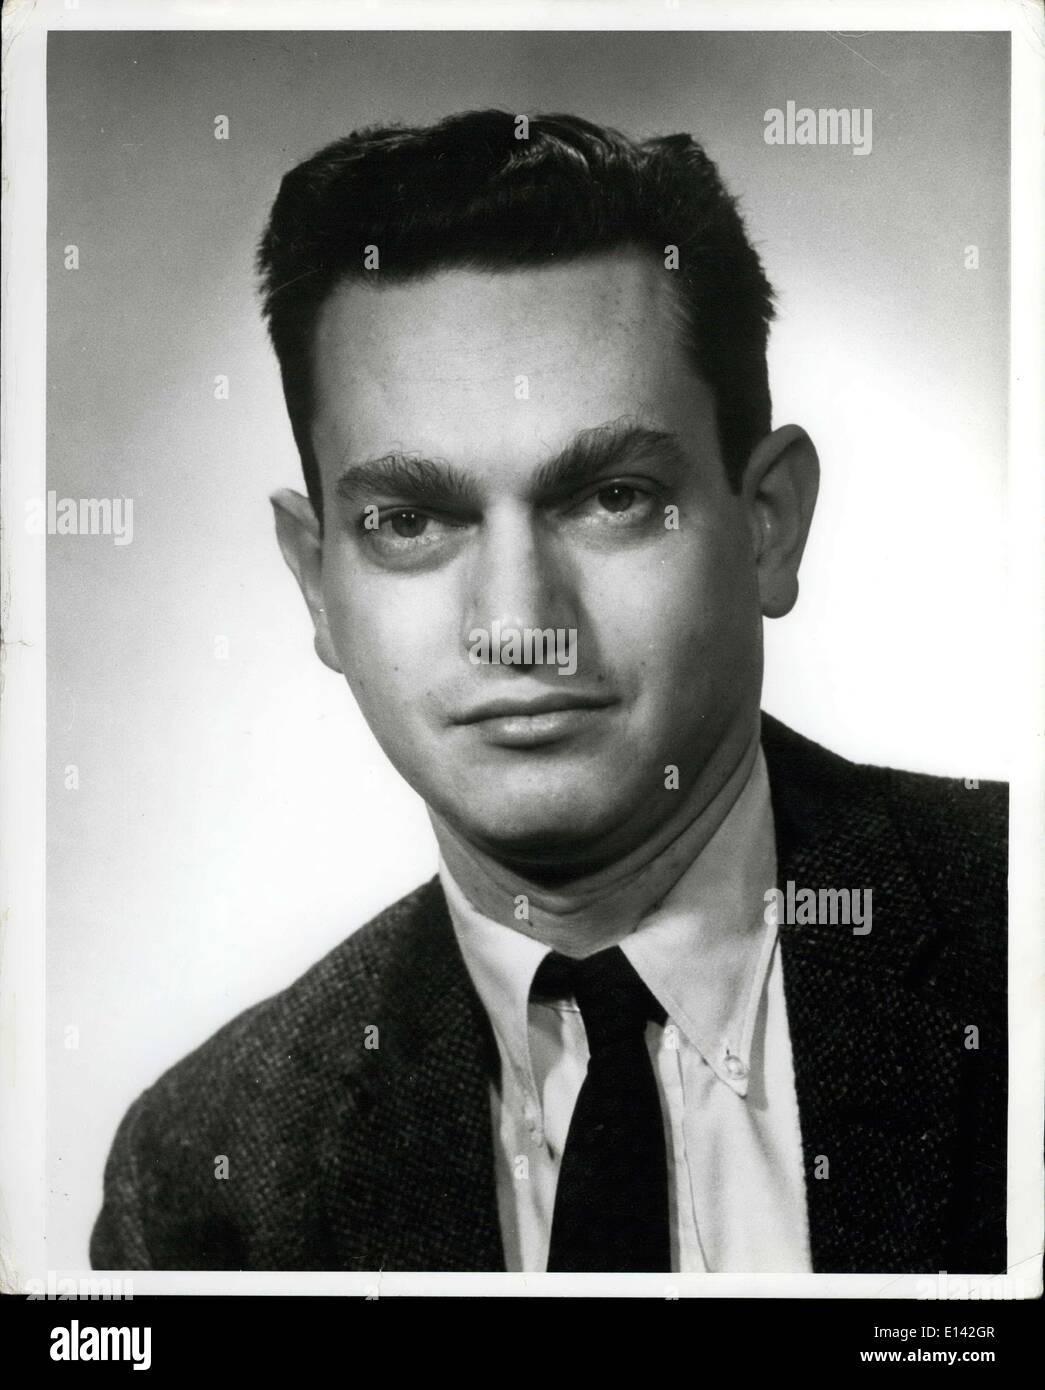 Marzo 31, 2012 - 1968, Premio Nobel de Fisiología y Medicina vencedor el Dr. Marshall W. Nirenberg. Imagen De Stock